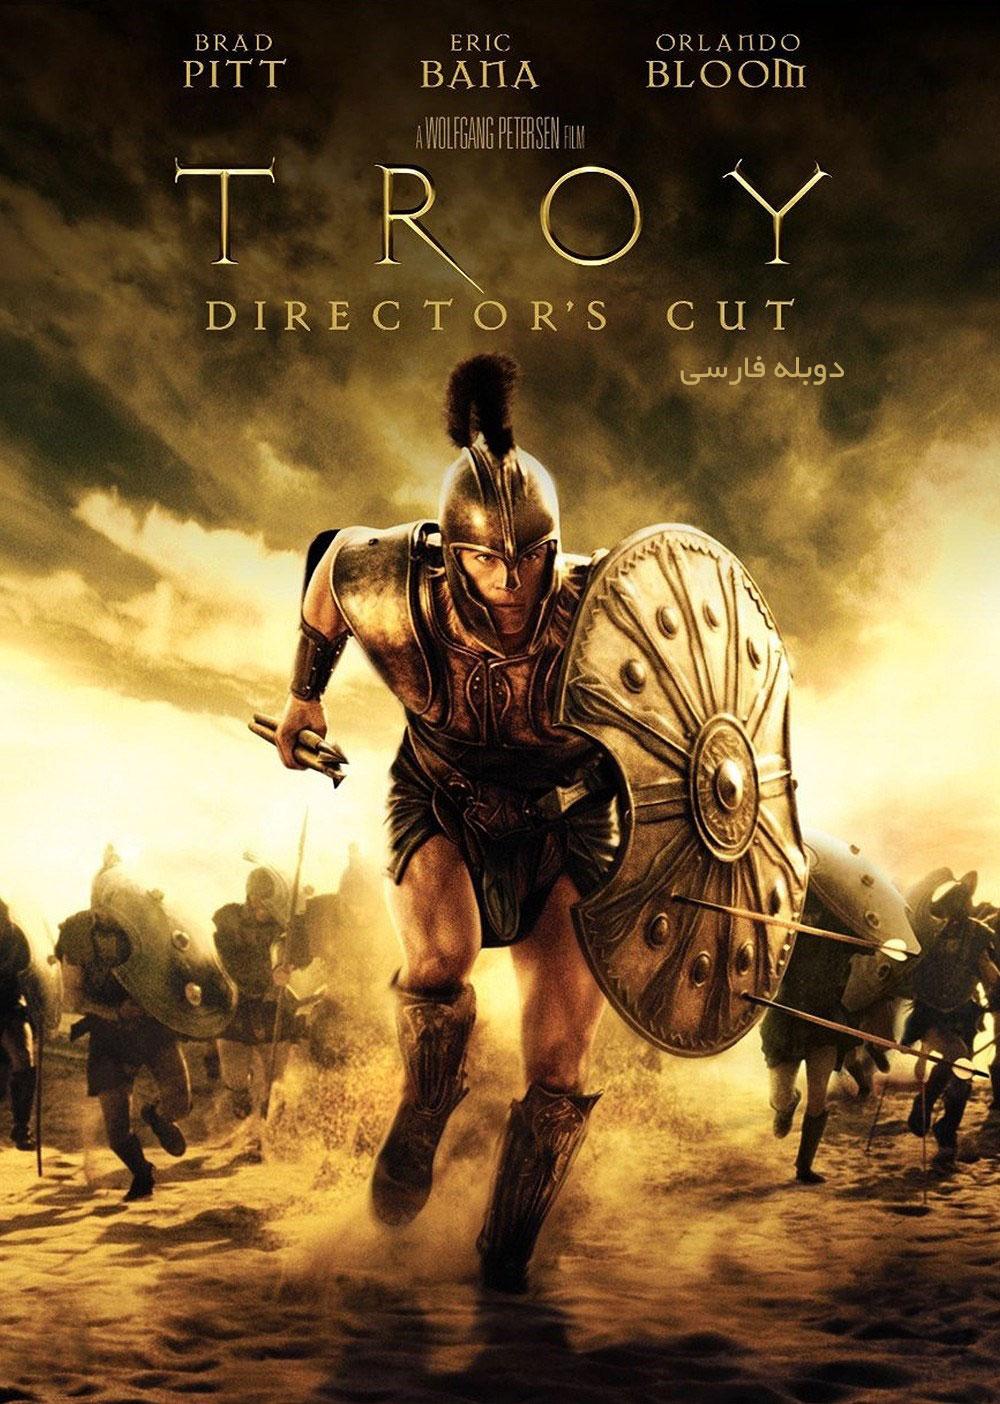 دانلود فیلم تروی Troy - دانلود فیلم تروی Troy دوبله فارسی با لینک مستقیم